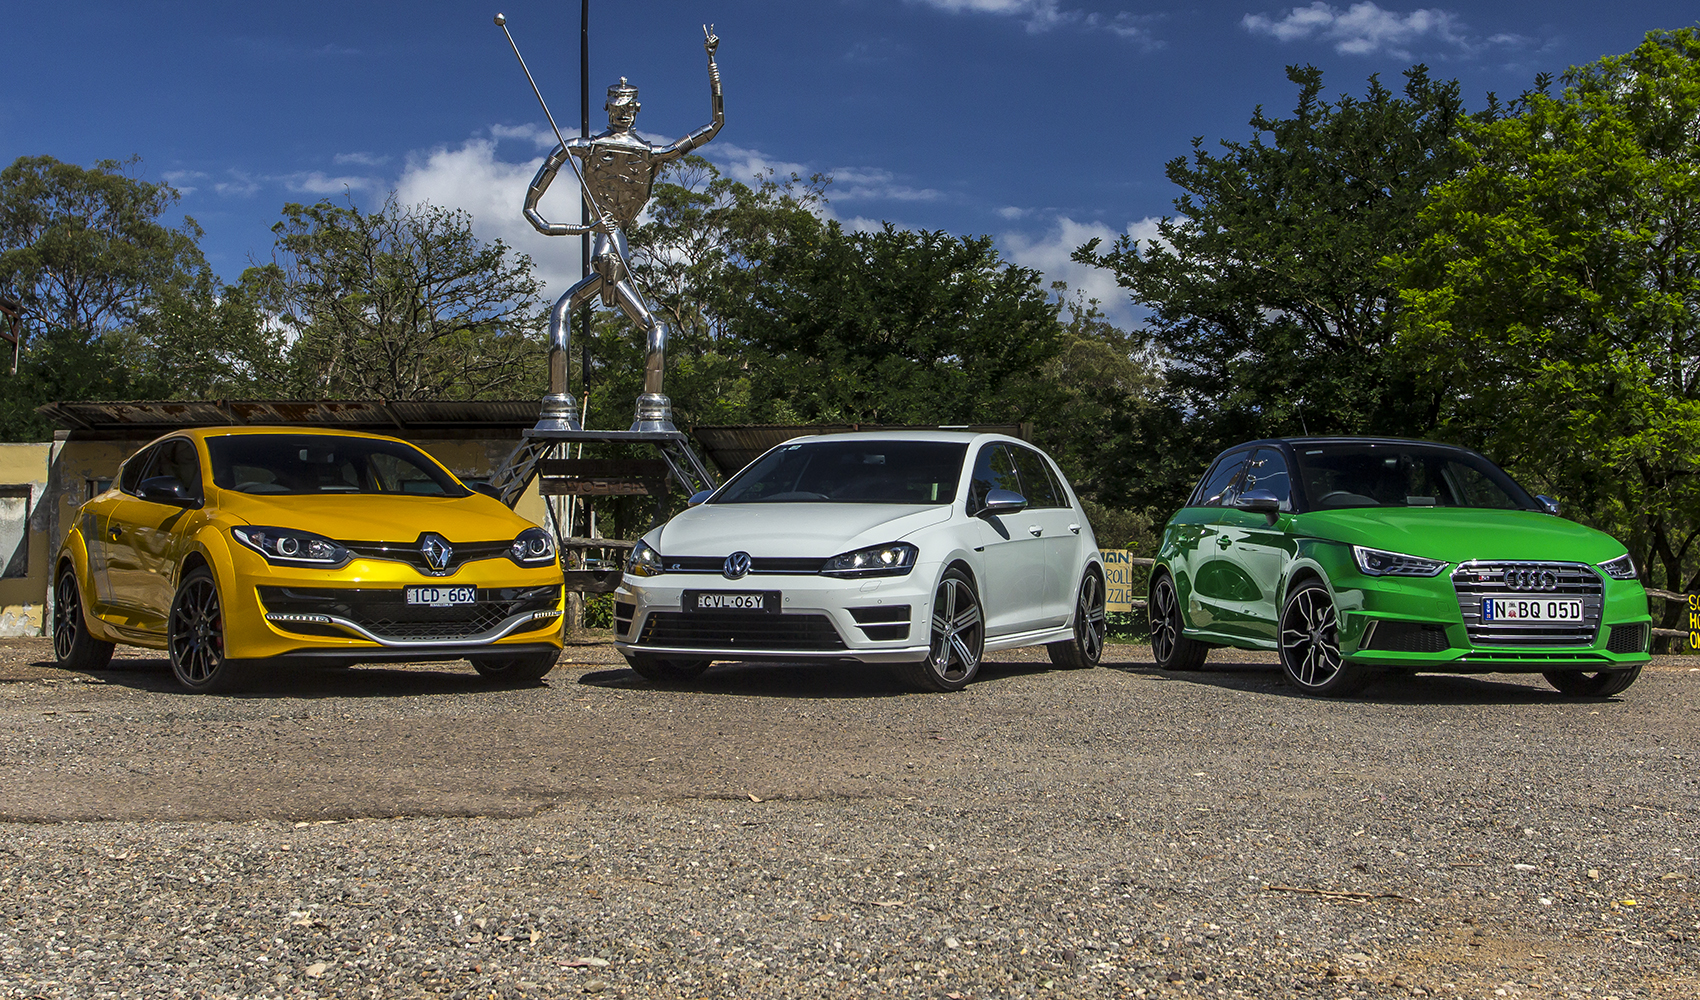 Audi S1 v Renault Megane RS275 Trophy v Volkswagen Golf R